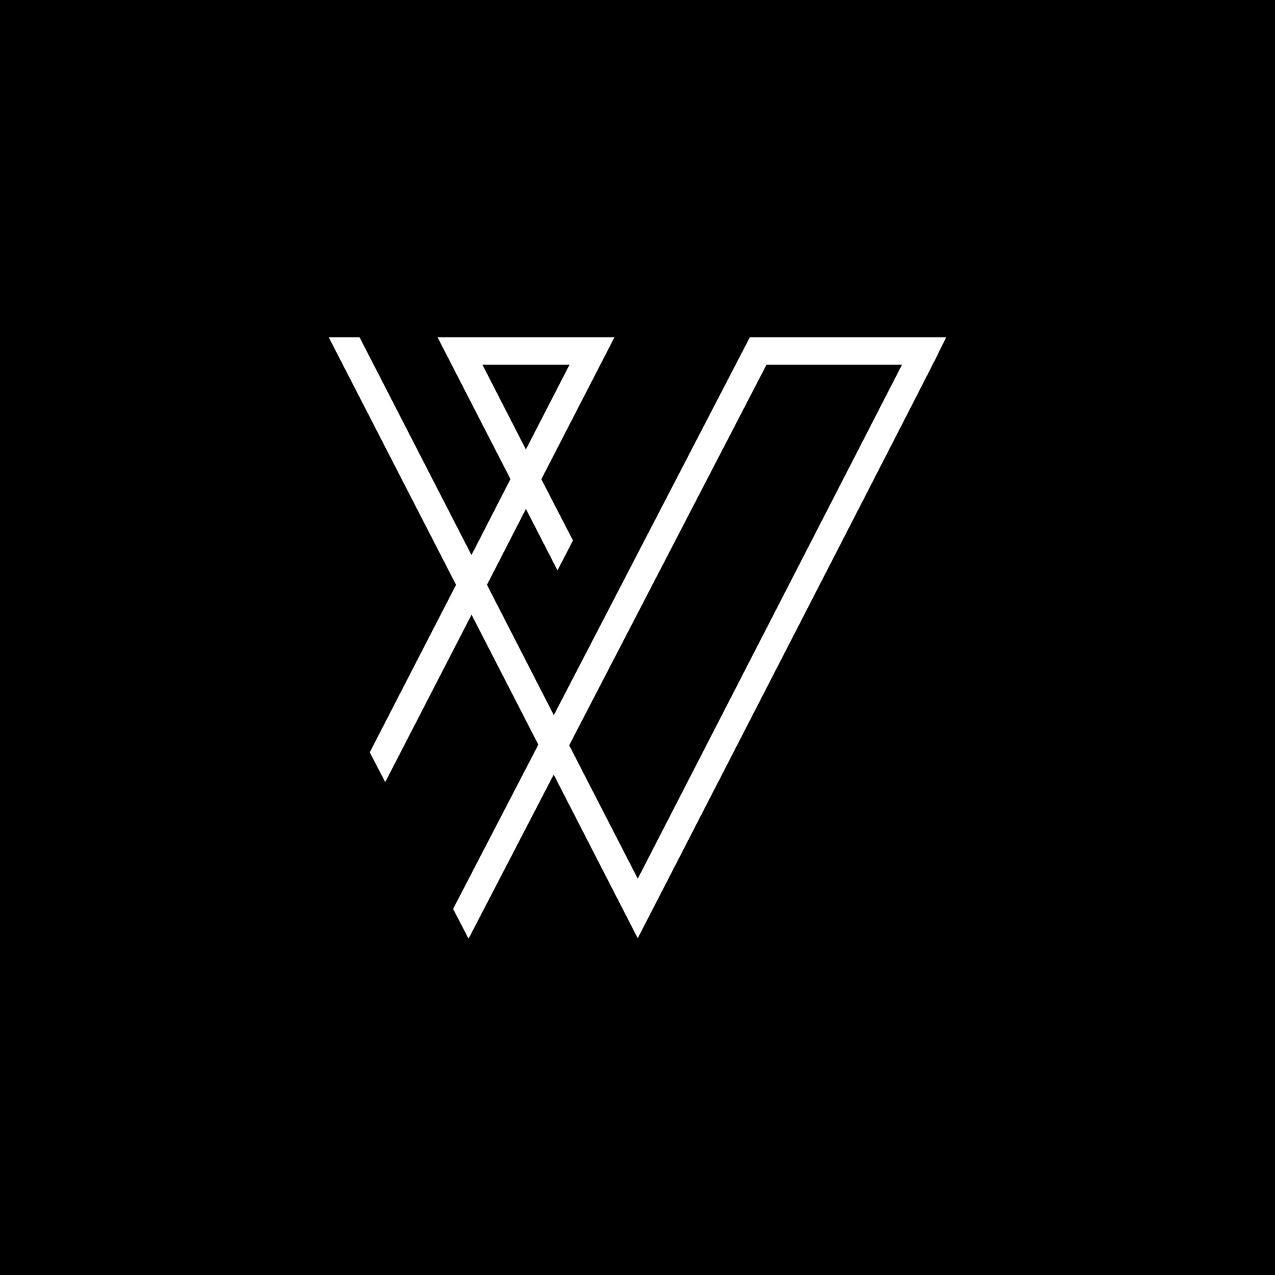 Letter V2 Design by Furia